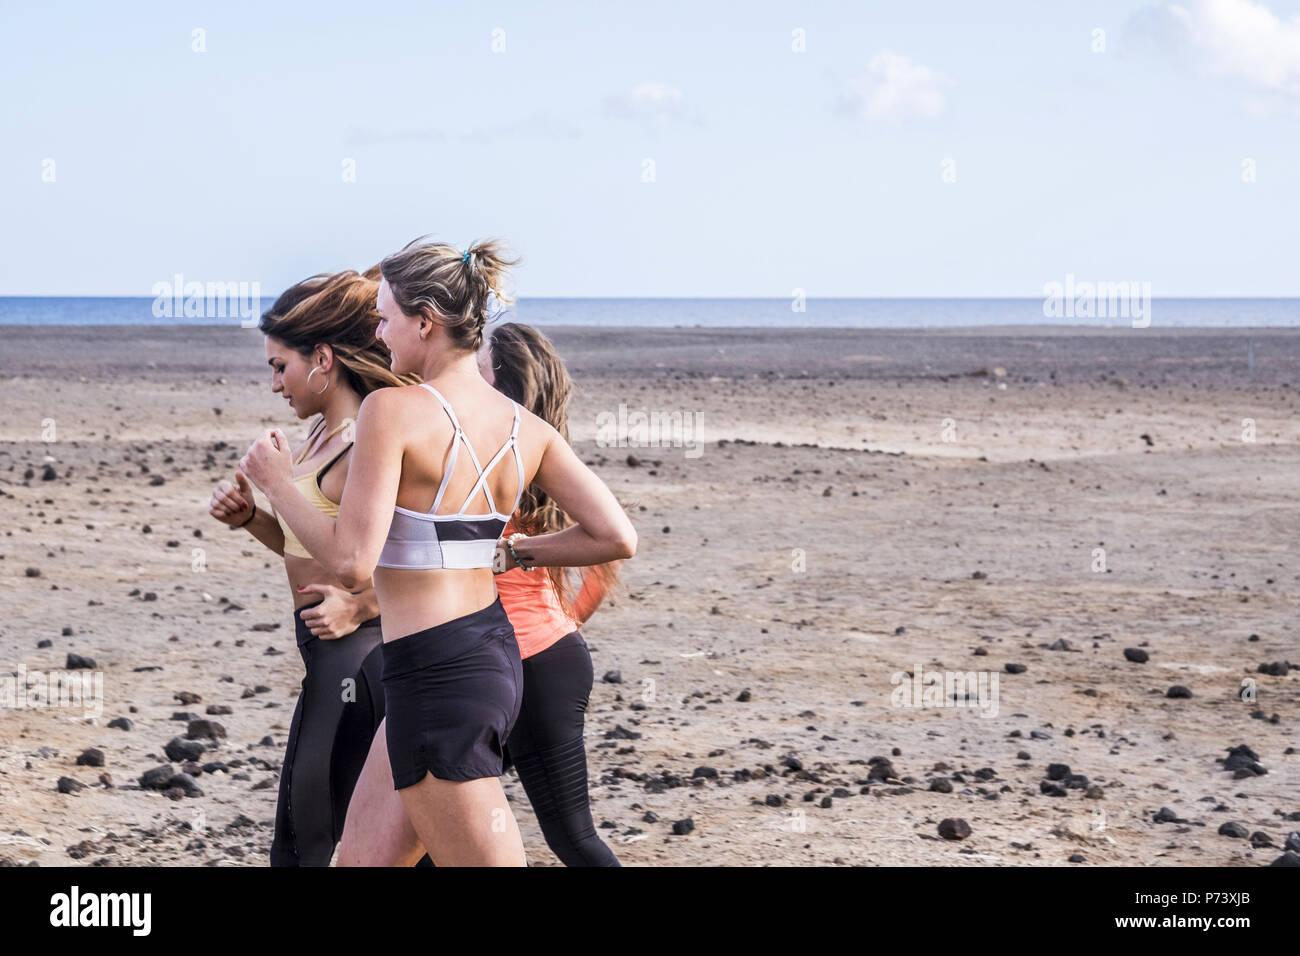 Portrait de trois belles jeunes femmes près de l'océan sur la plage pour un mode de vie positif et insouciante. heureux de travailler sur les résultats du corps Photo Stock